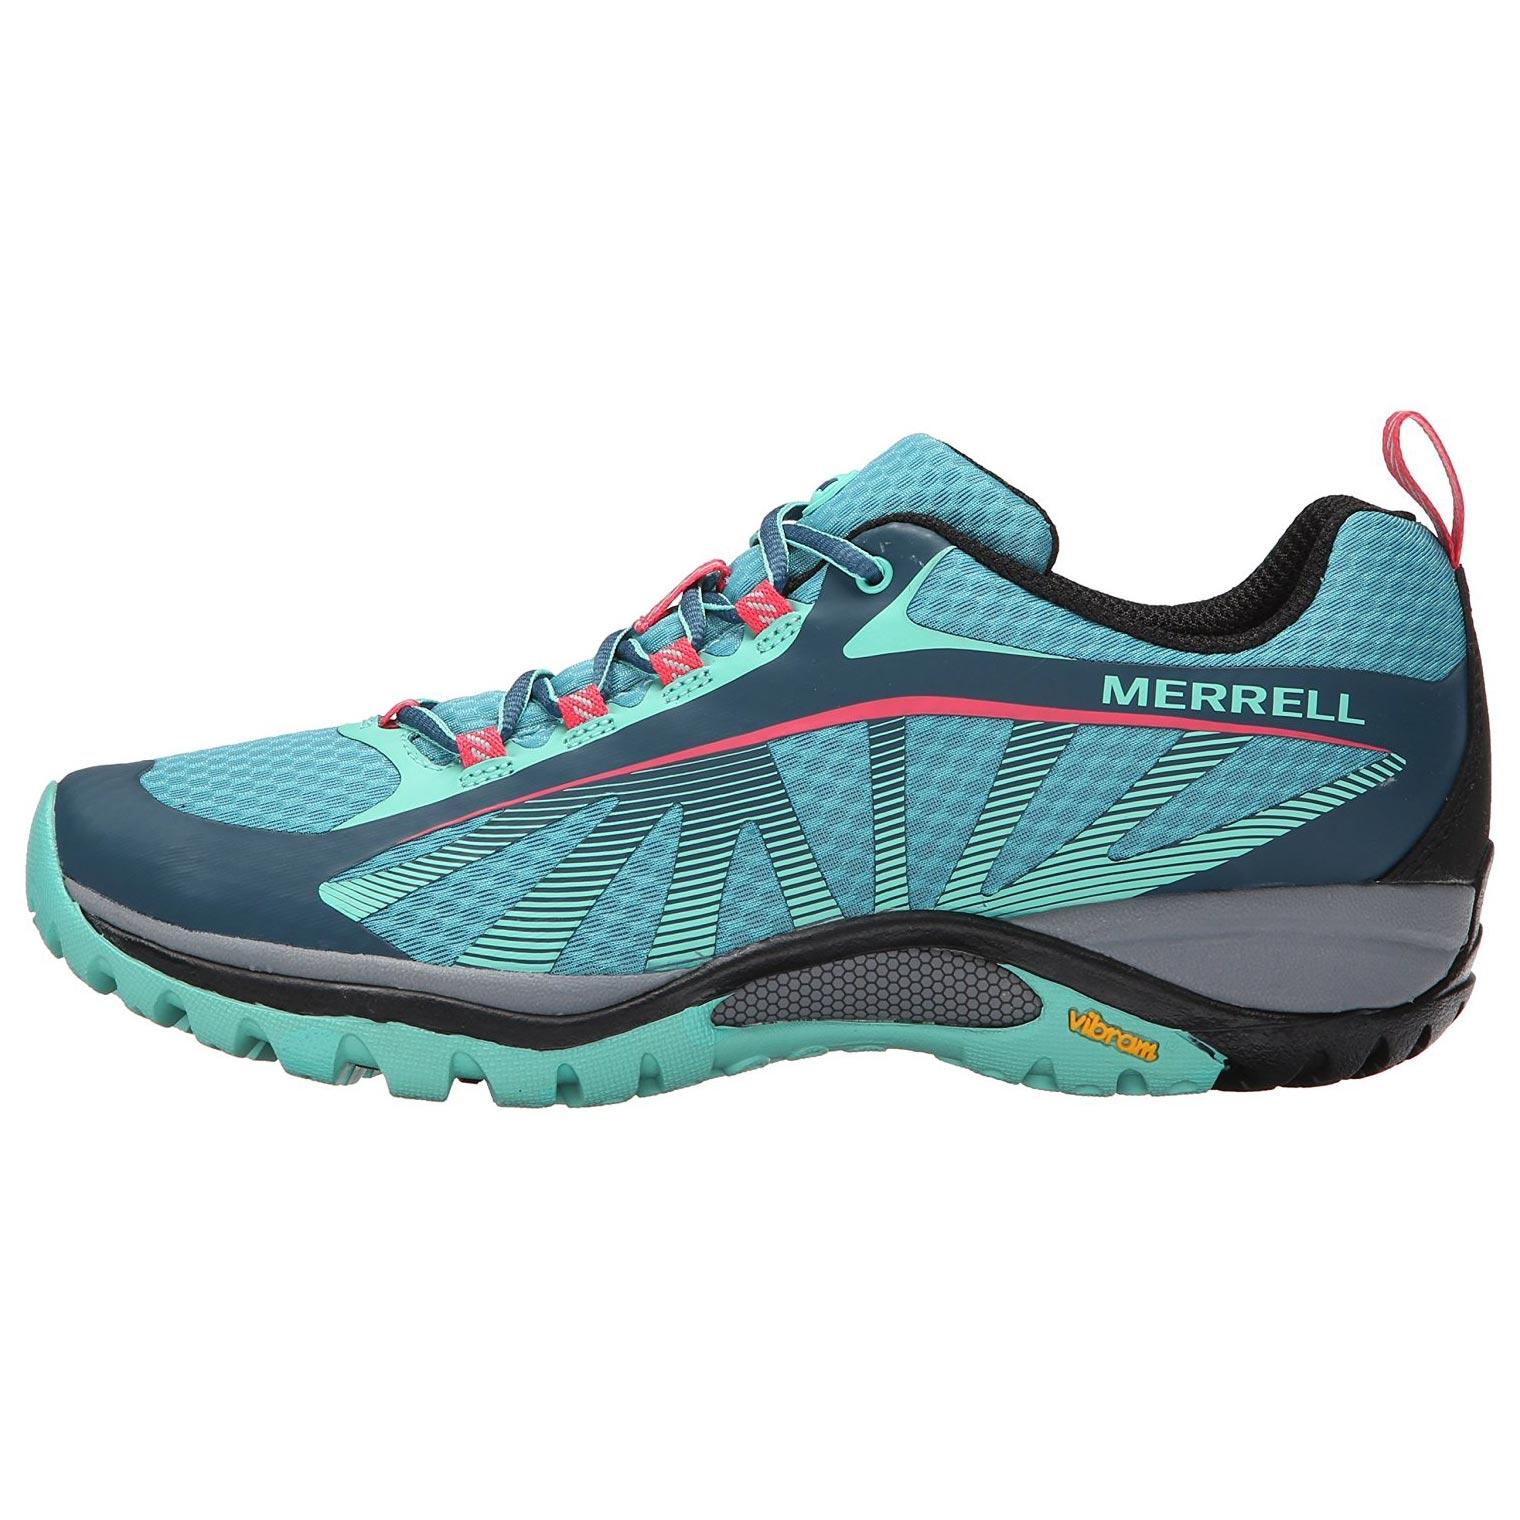 e9aac7531d9d1 Zapato Merrell Siren Edge W Azul Fucsia - Peregrinoteca